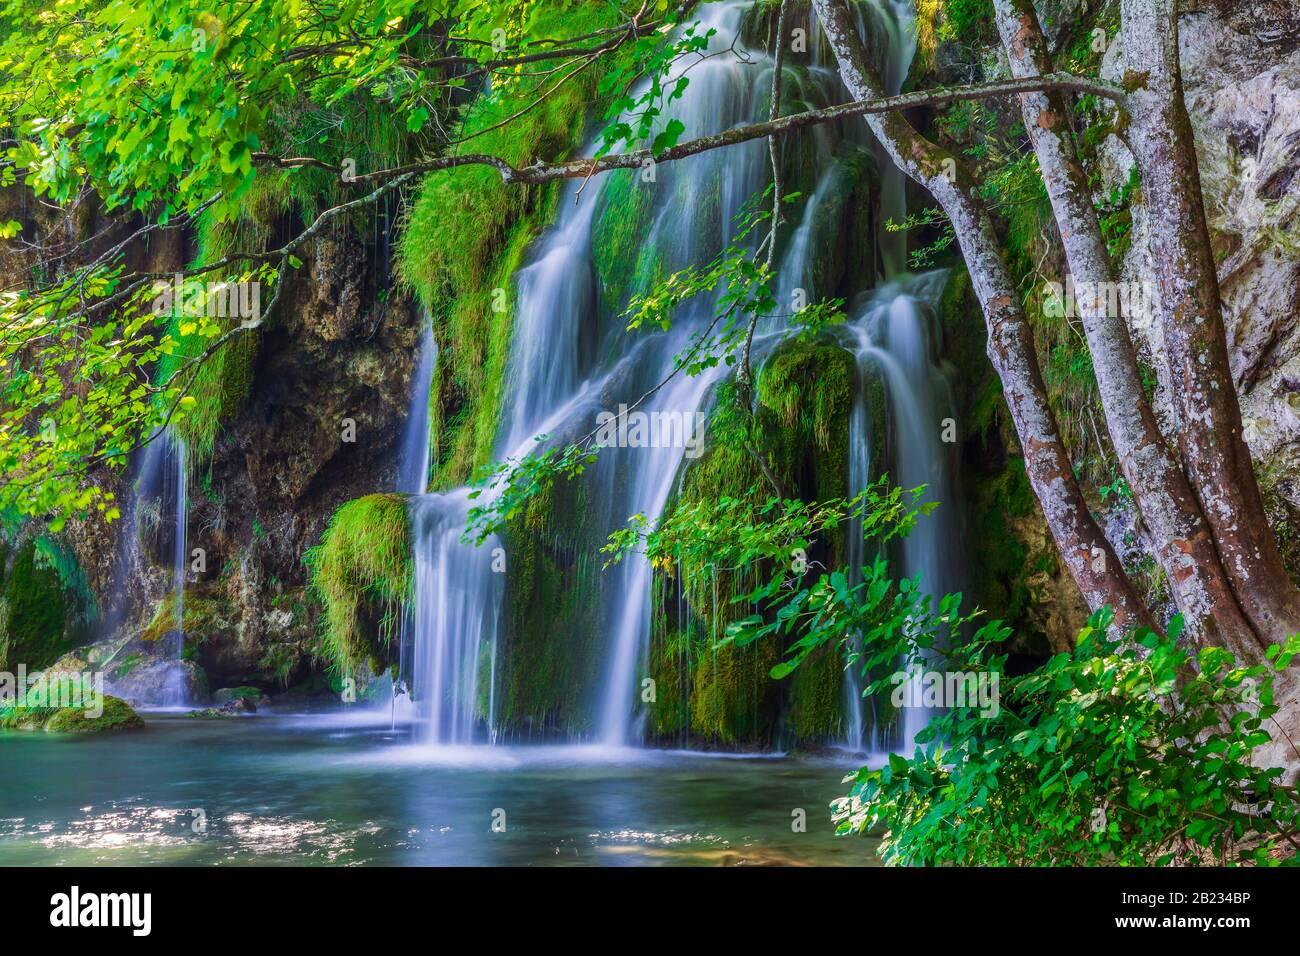 Les lacs de Plitvice, Croatie. Cascades de Plitvice Lakes National Park. Banque D'Images